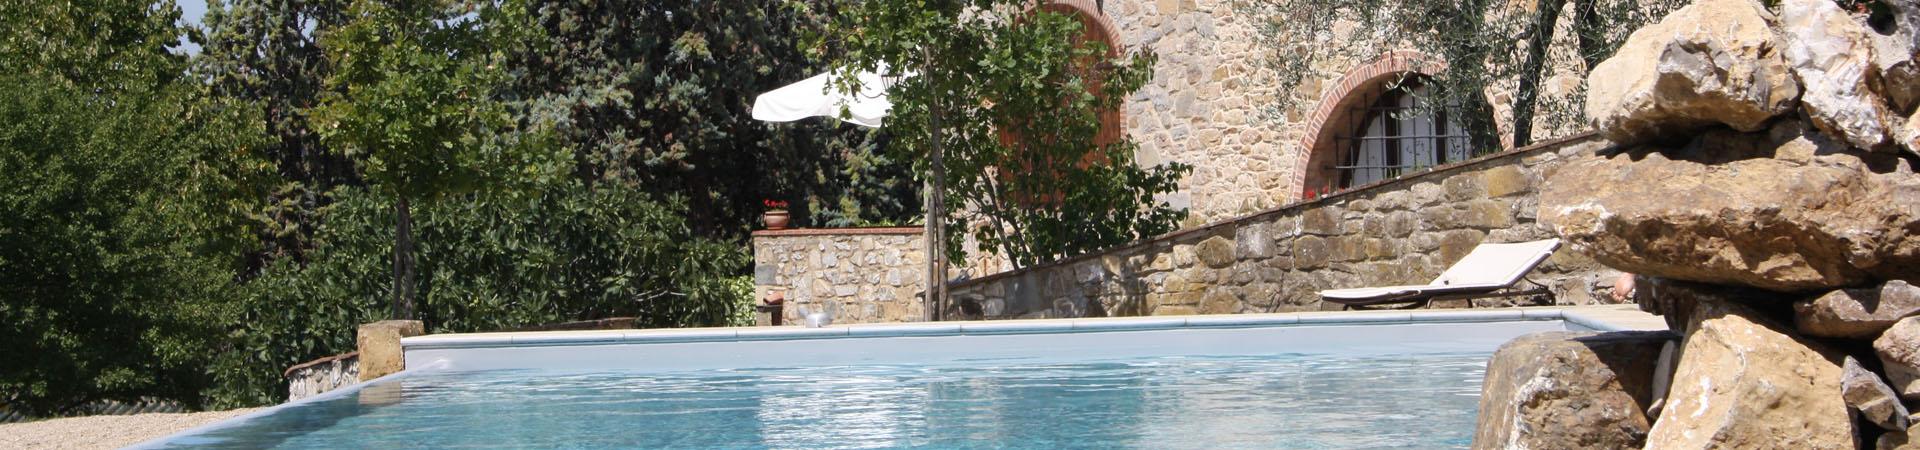 Ferienhaus Chianti 2